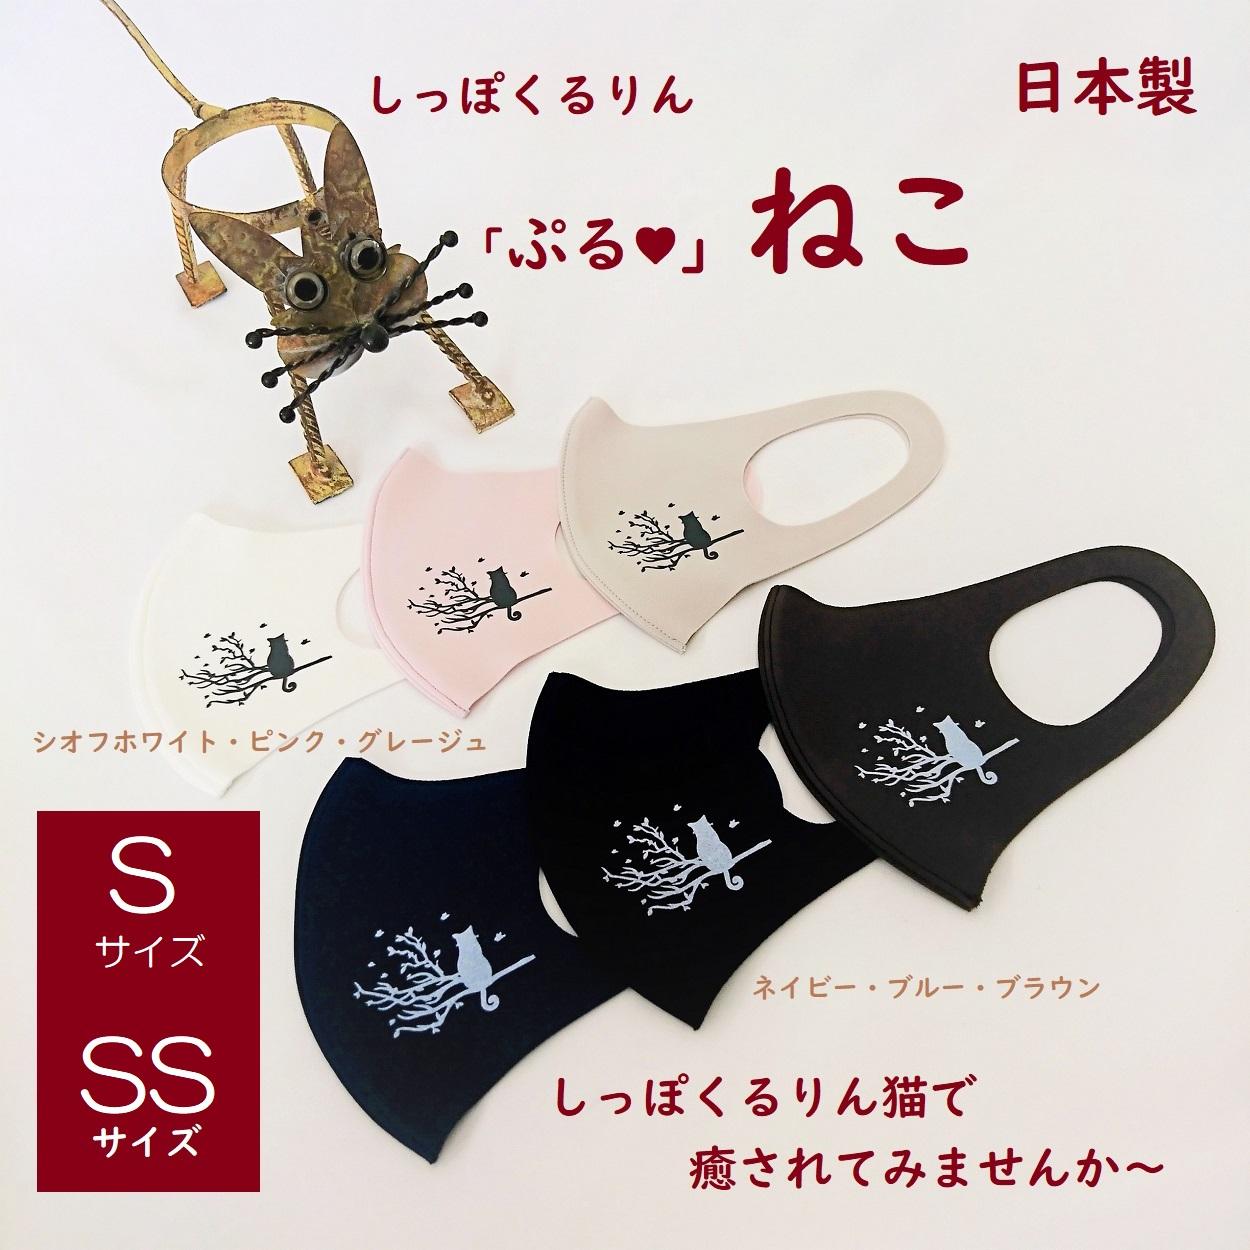 「ぷる♥」プリントマスク予約販売開始いたします。